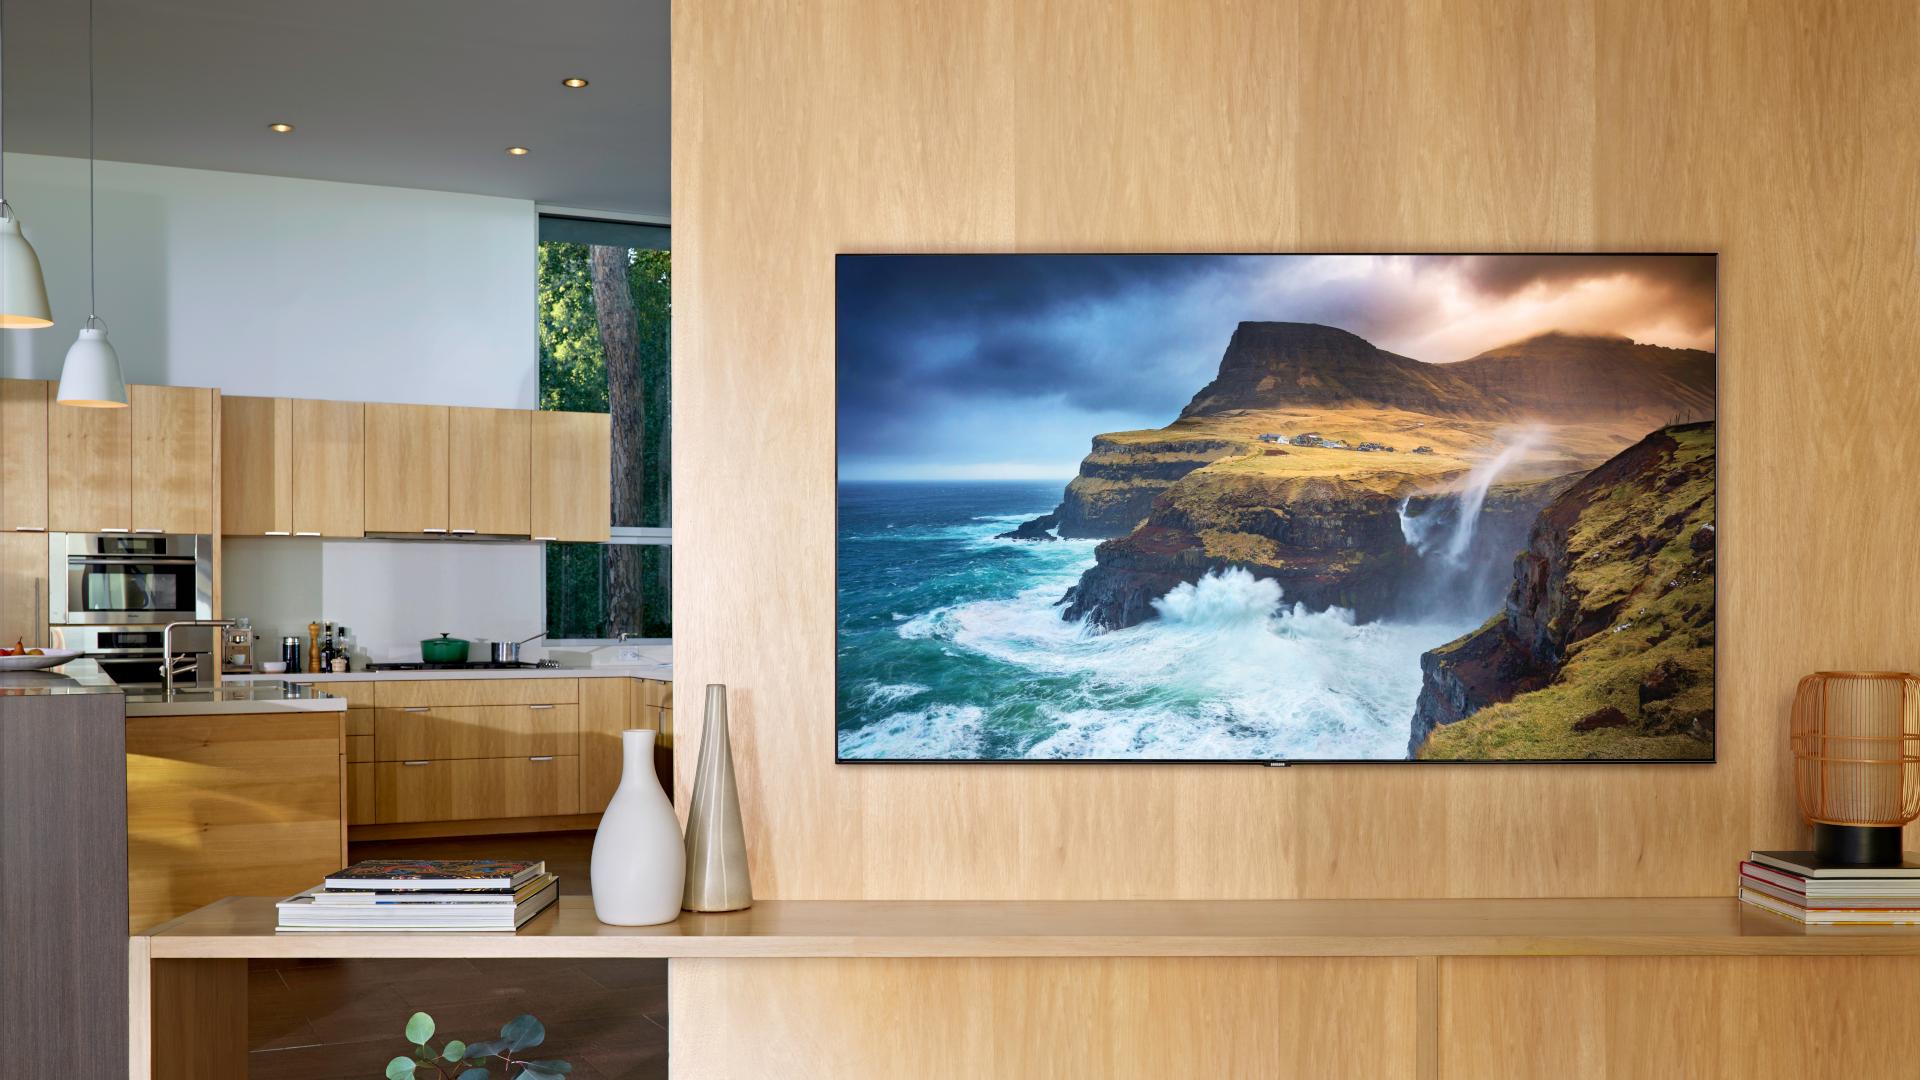 Samsung TV 2020: každý nový QLED a LED televízor Samsung prichádza tento rok 12